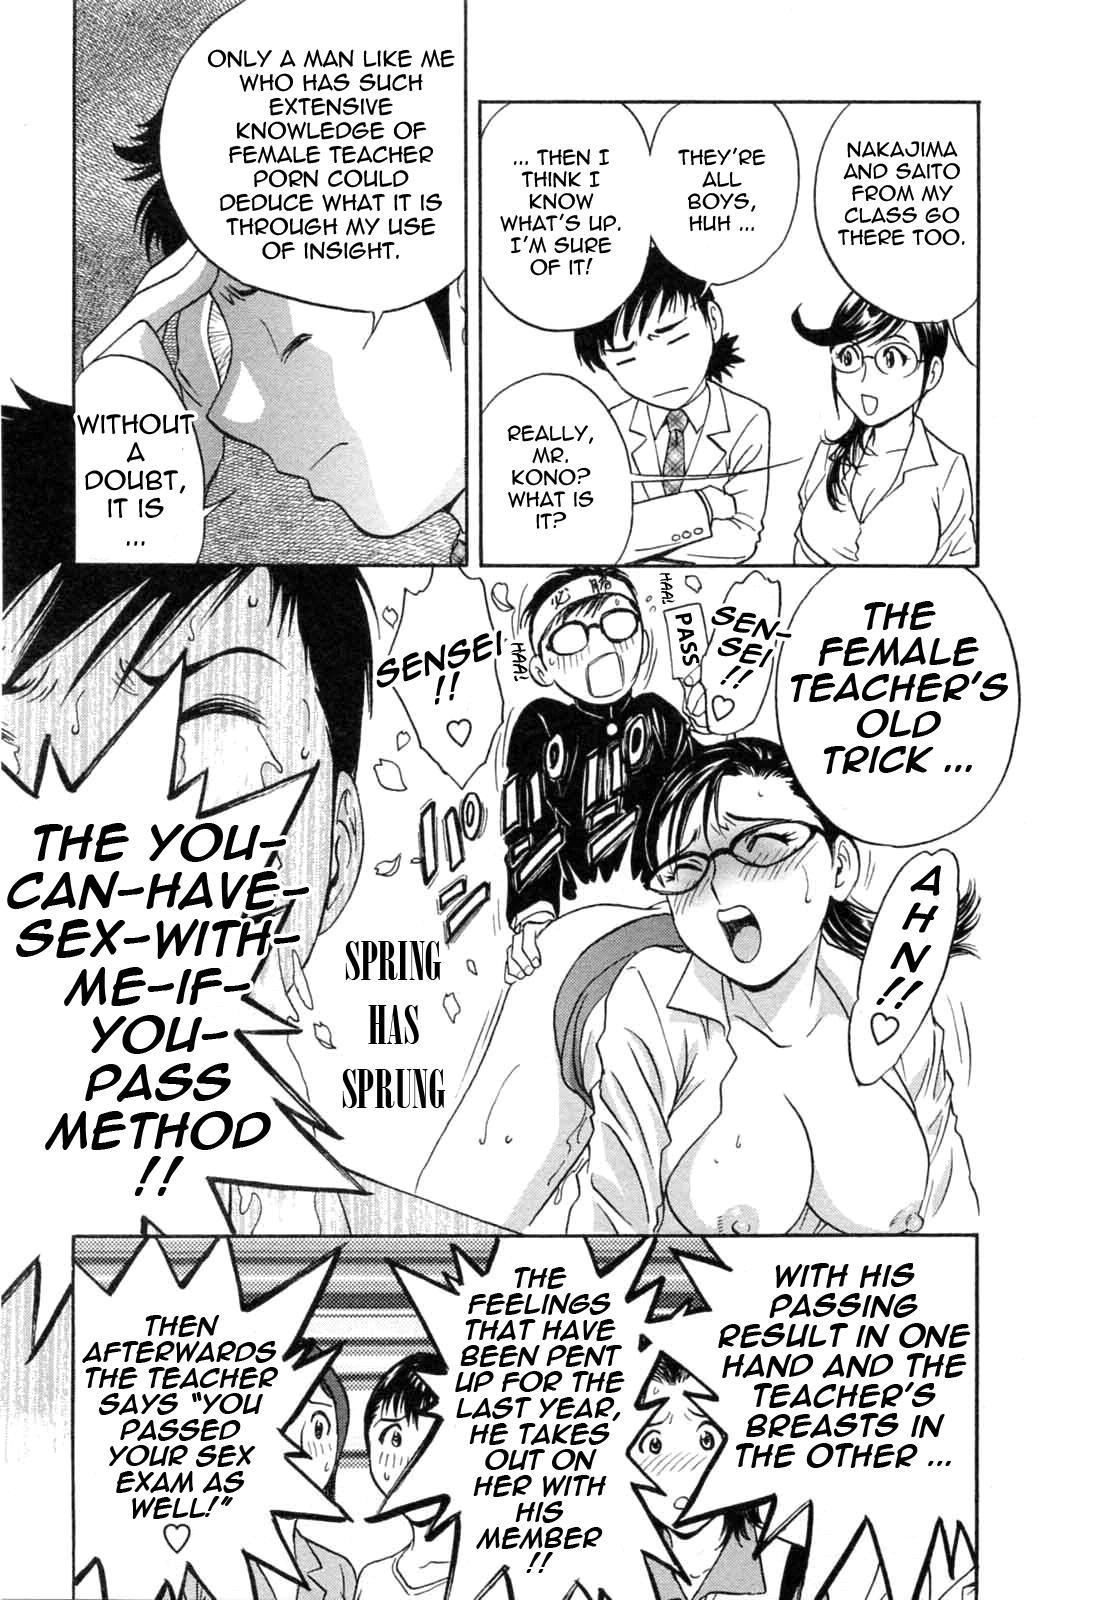 [Hidemaru] Mo-Retsu! Boin Sensei (Boing Boing Teacher) Vol.5 [English] [4dawgz] [Tadanohito] 11